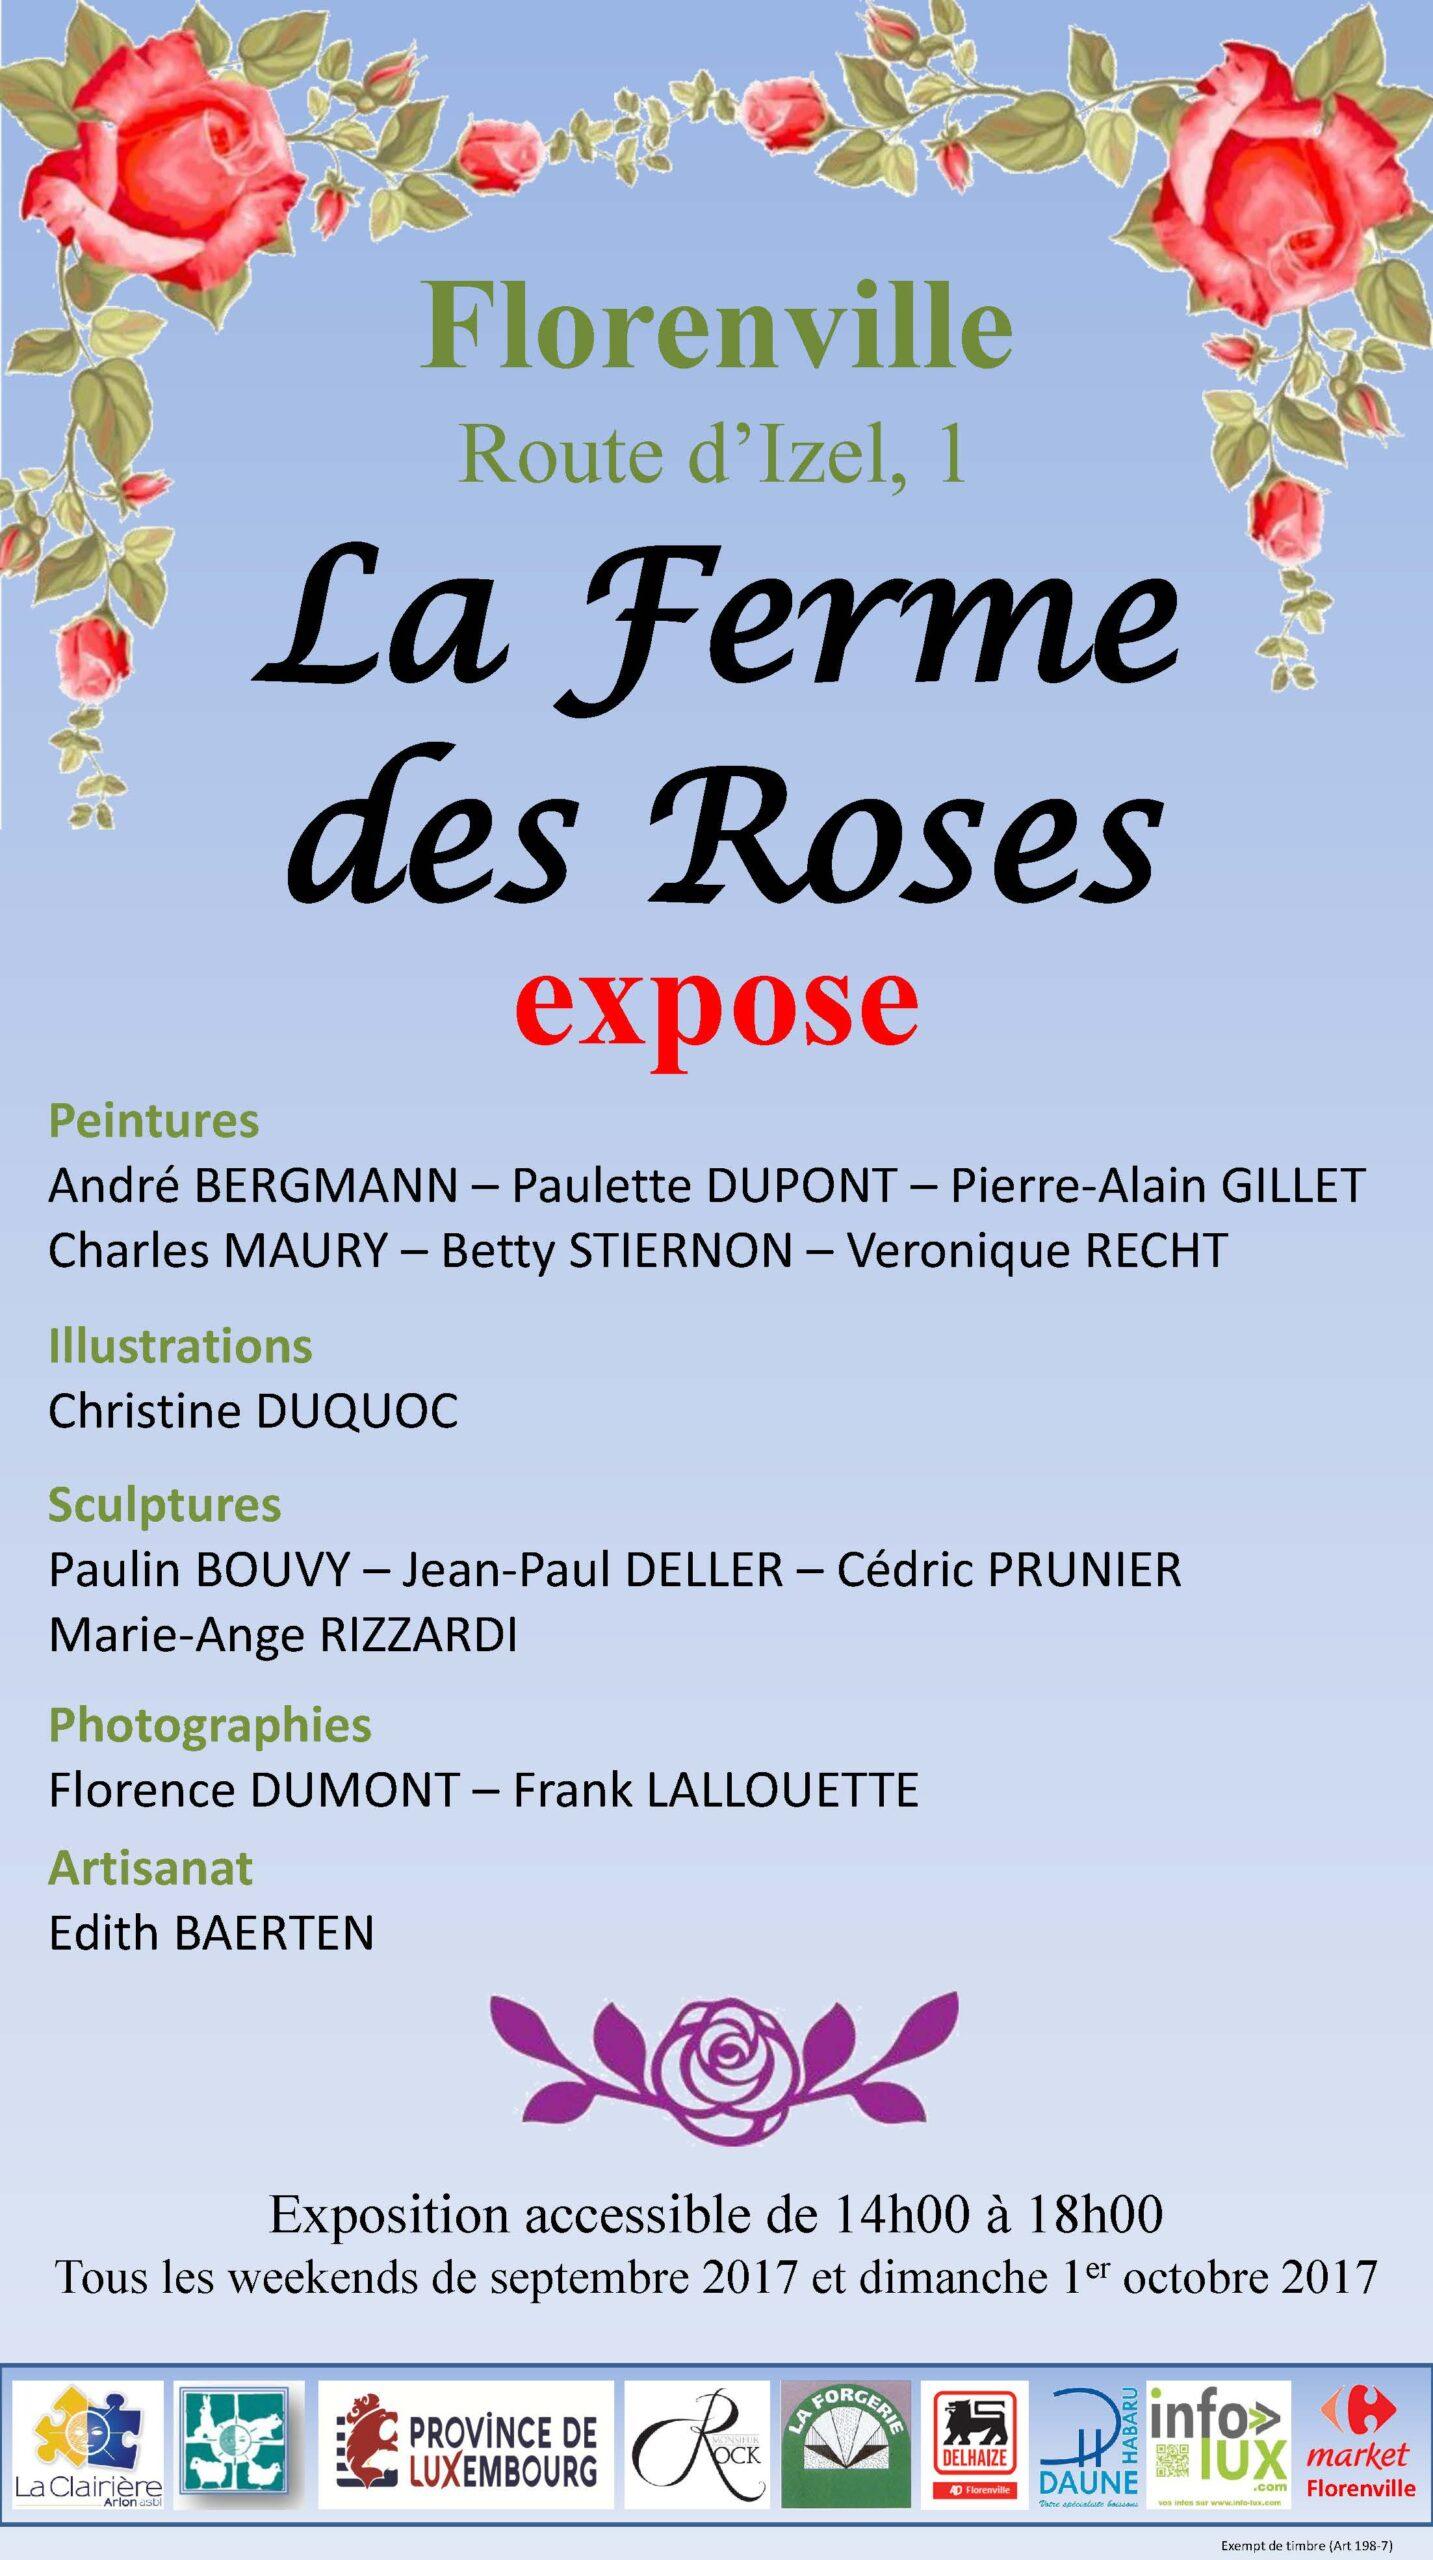 LA CLAIRIÈRE-ARLON : UNE EXPOSITION À FLORENVILLE